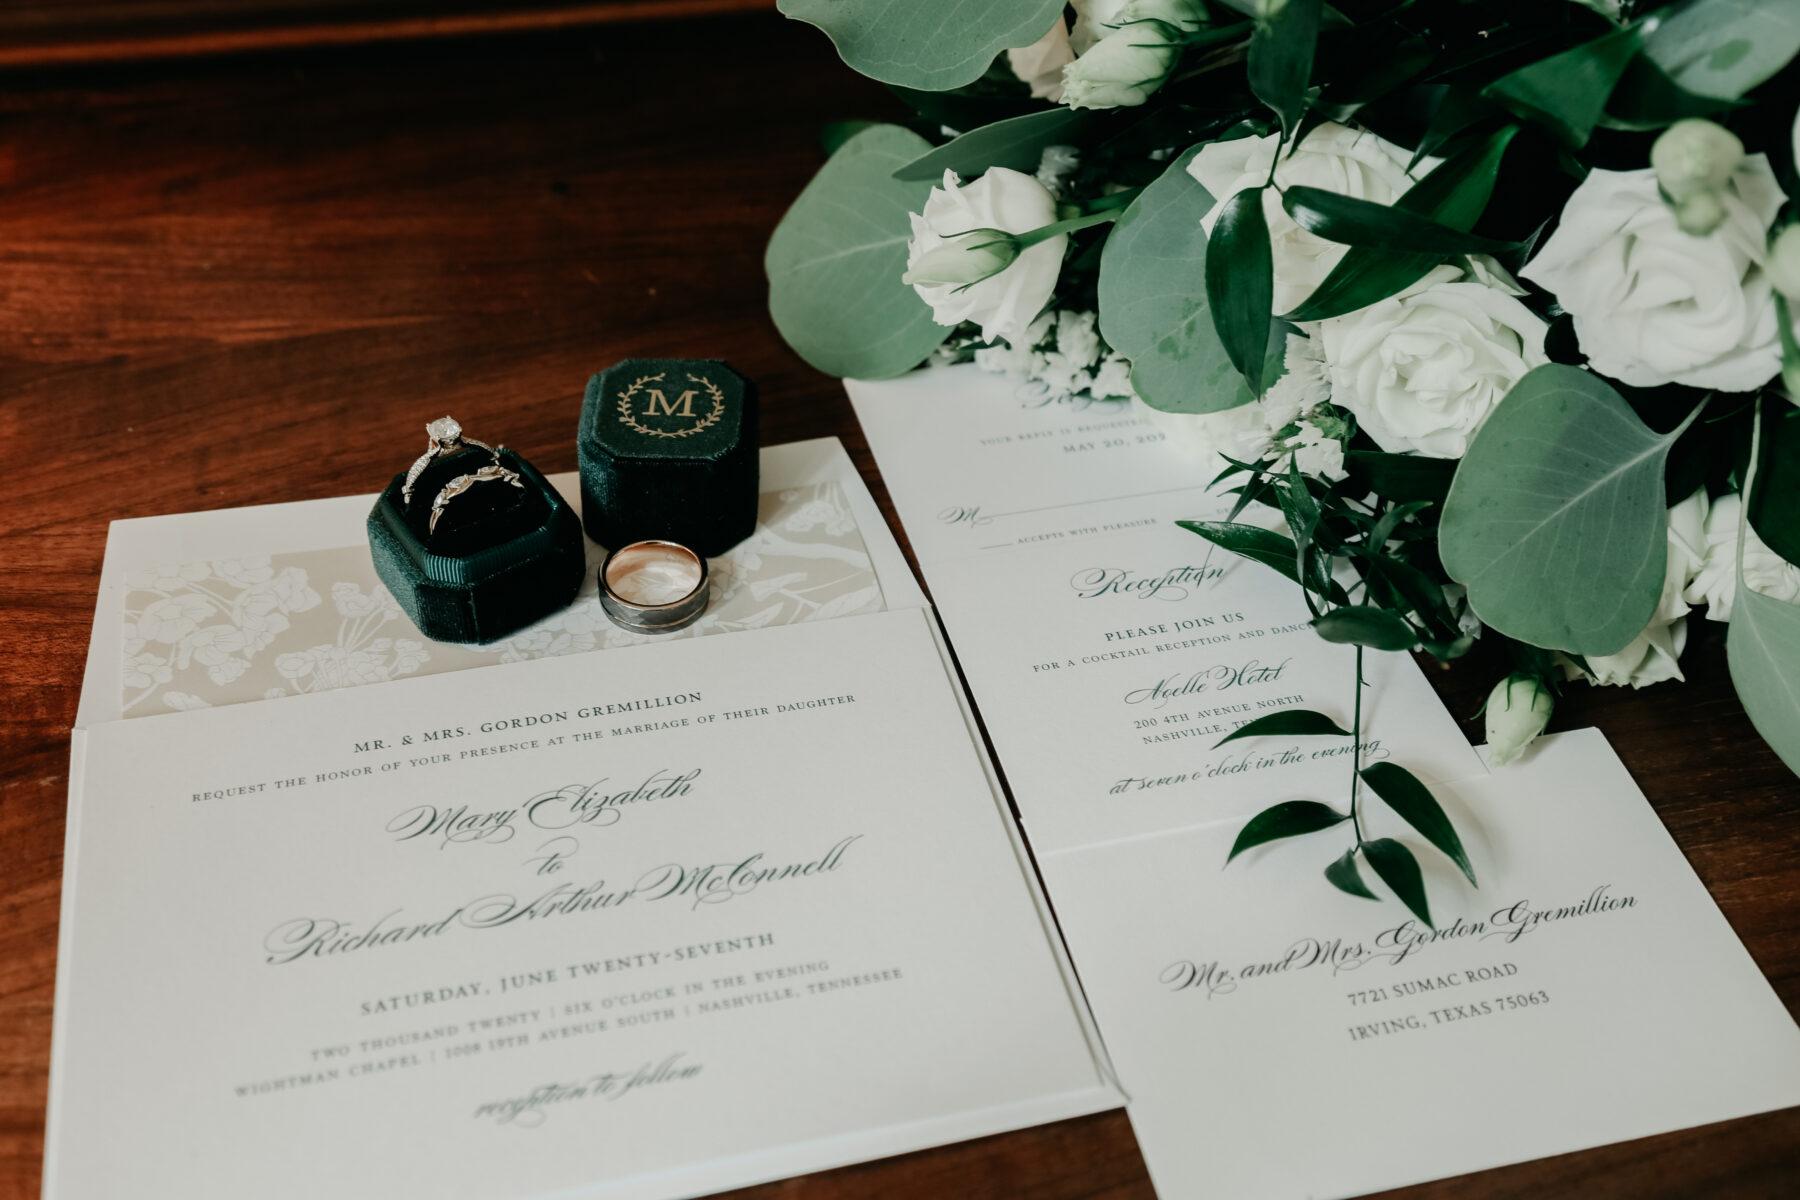 Velvet green monogrammed wedding ring box | Nashville Bride Guide